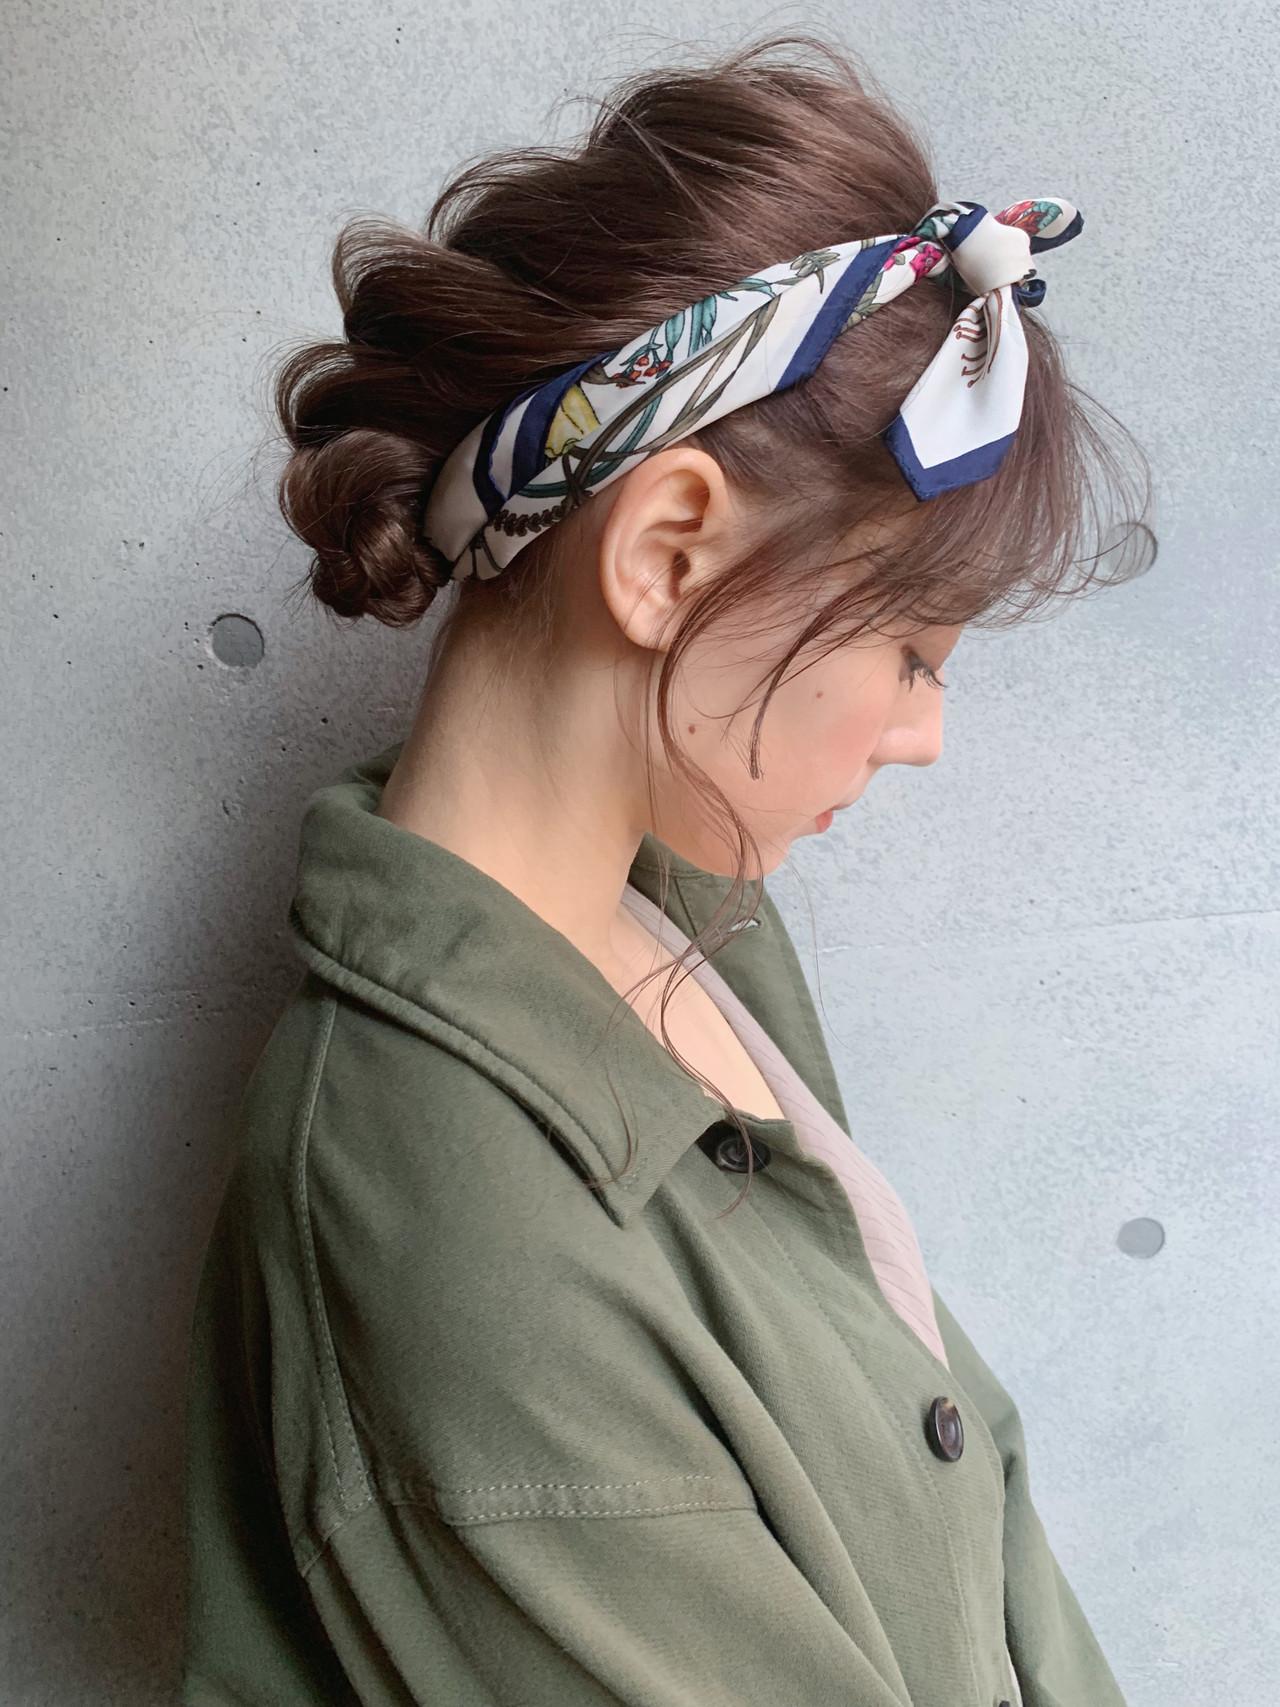 アウトドア ヘアアレンジ ミディアム ナチュラル ヘアスタイルや髪型の写真・画像